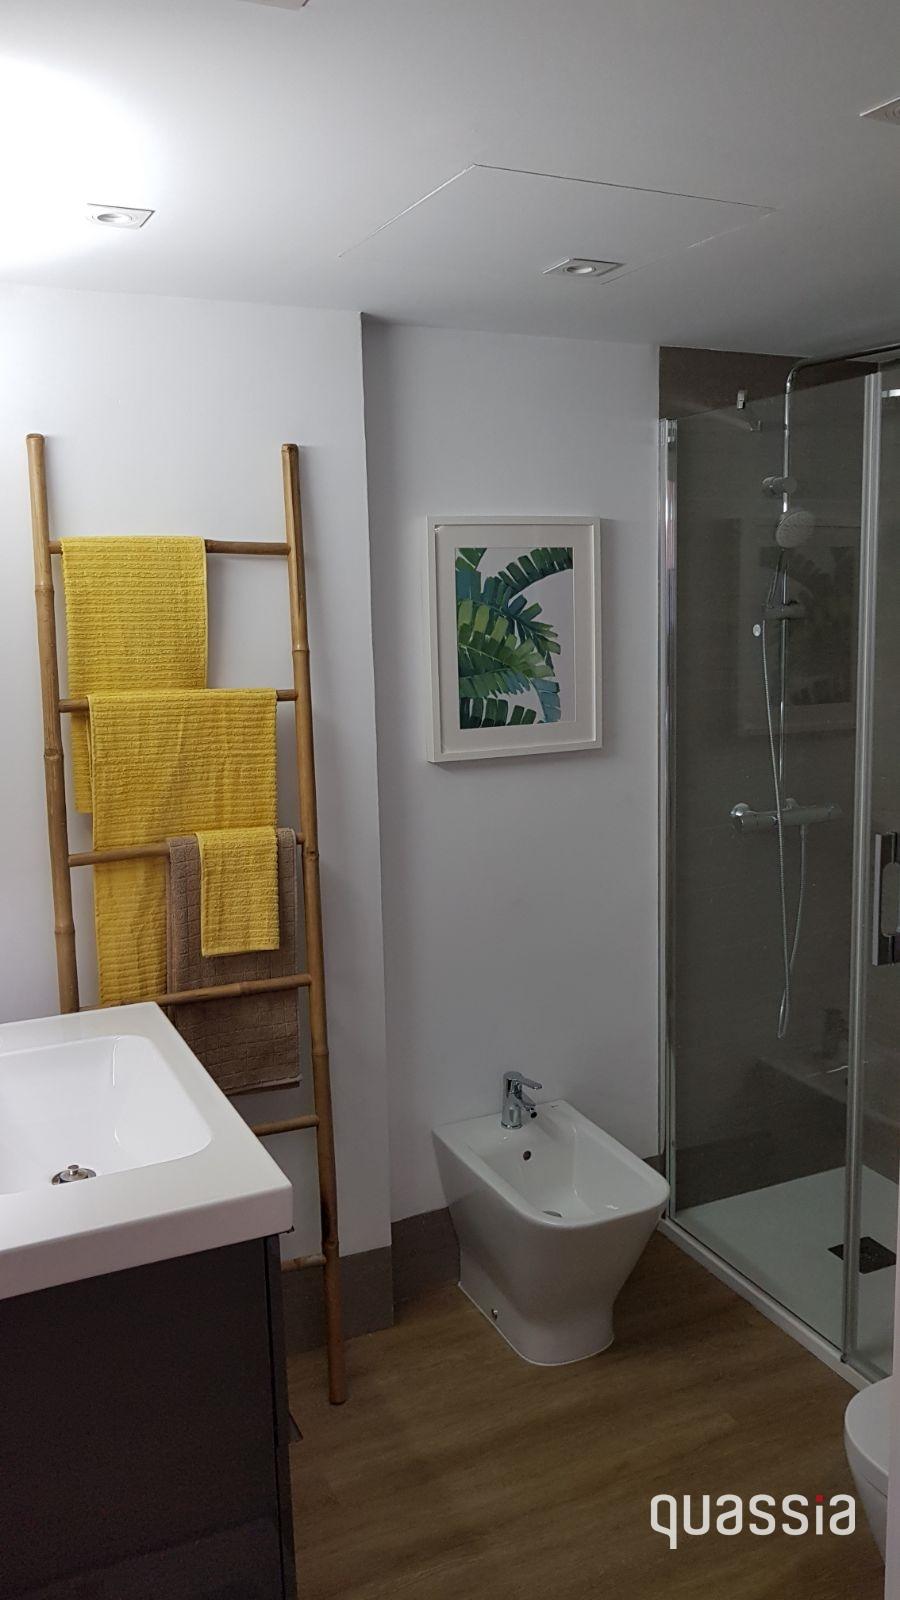 Reforma apartamento Fuengirola por Quassia (16)